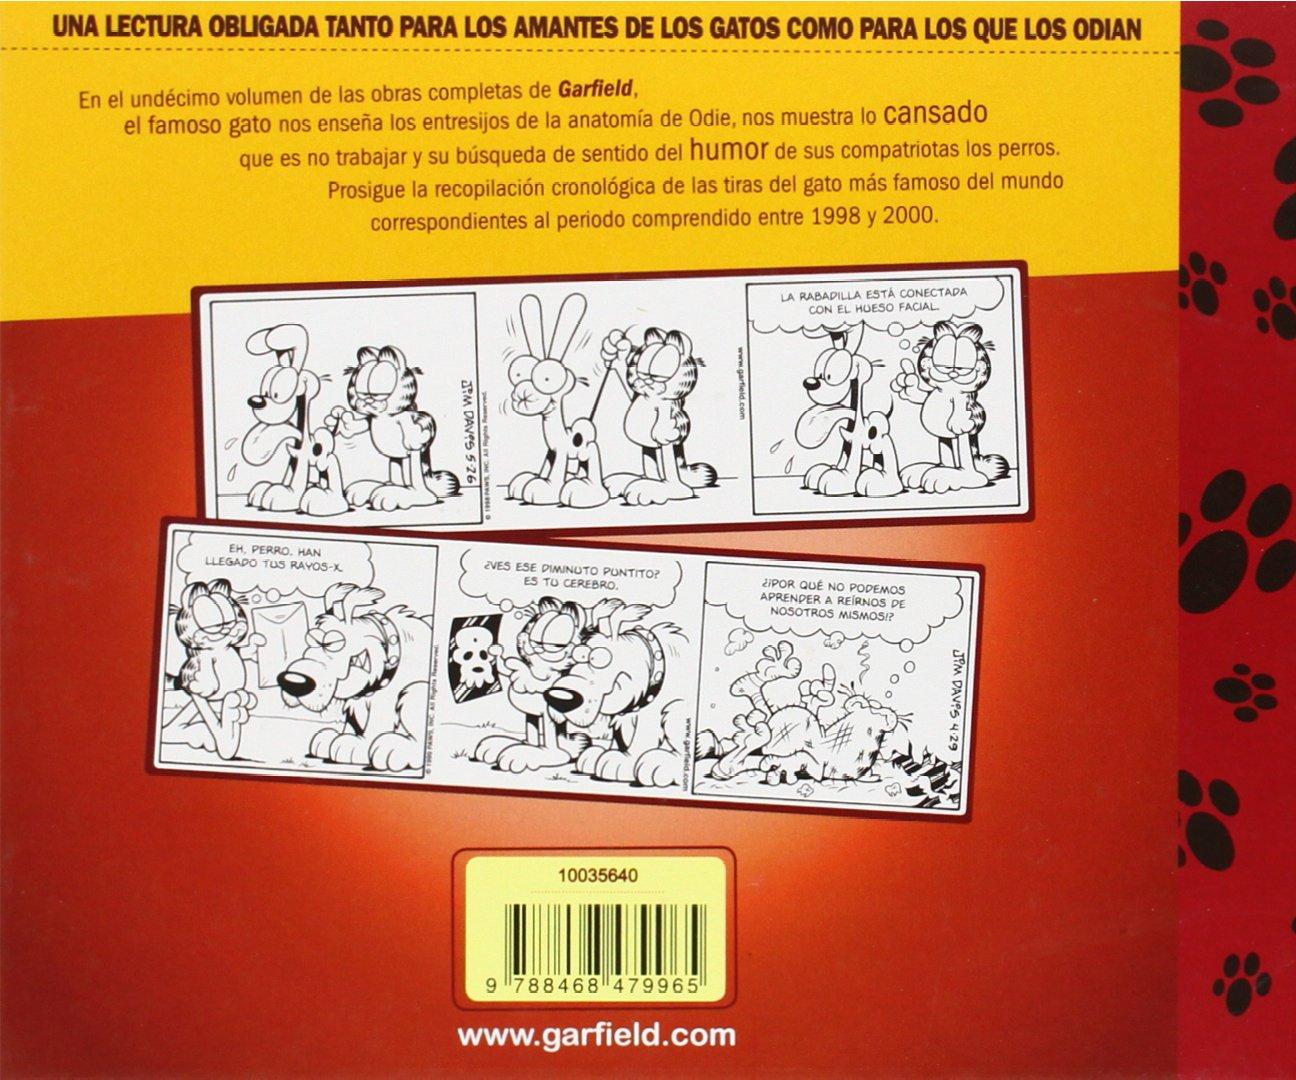 Garfield 1998-2000 nº 11/20 (Cómics Clásicos): Amazon.es: Jim Davis: Libros